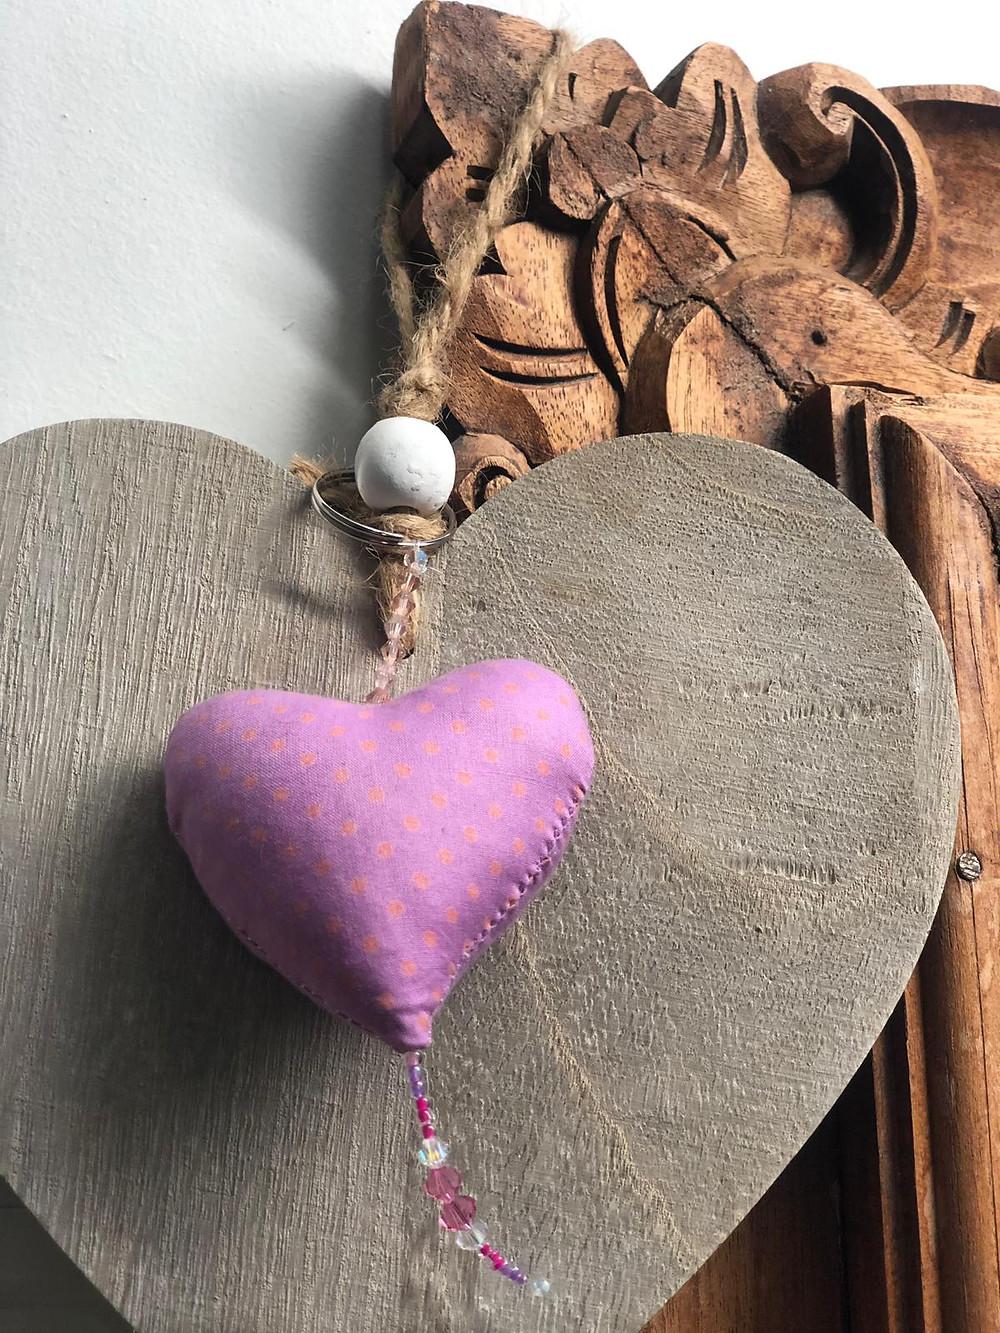 מאירות שביל ישראל עם מחזיק מפתחות של מתנות קטנות בסימן חברתי